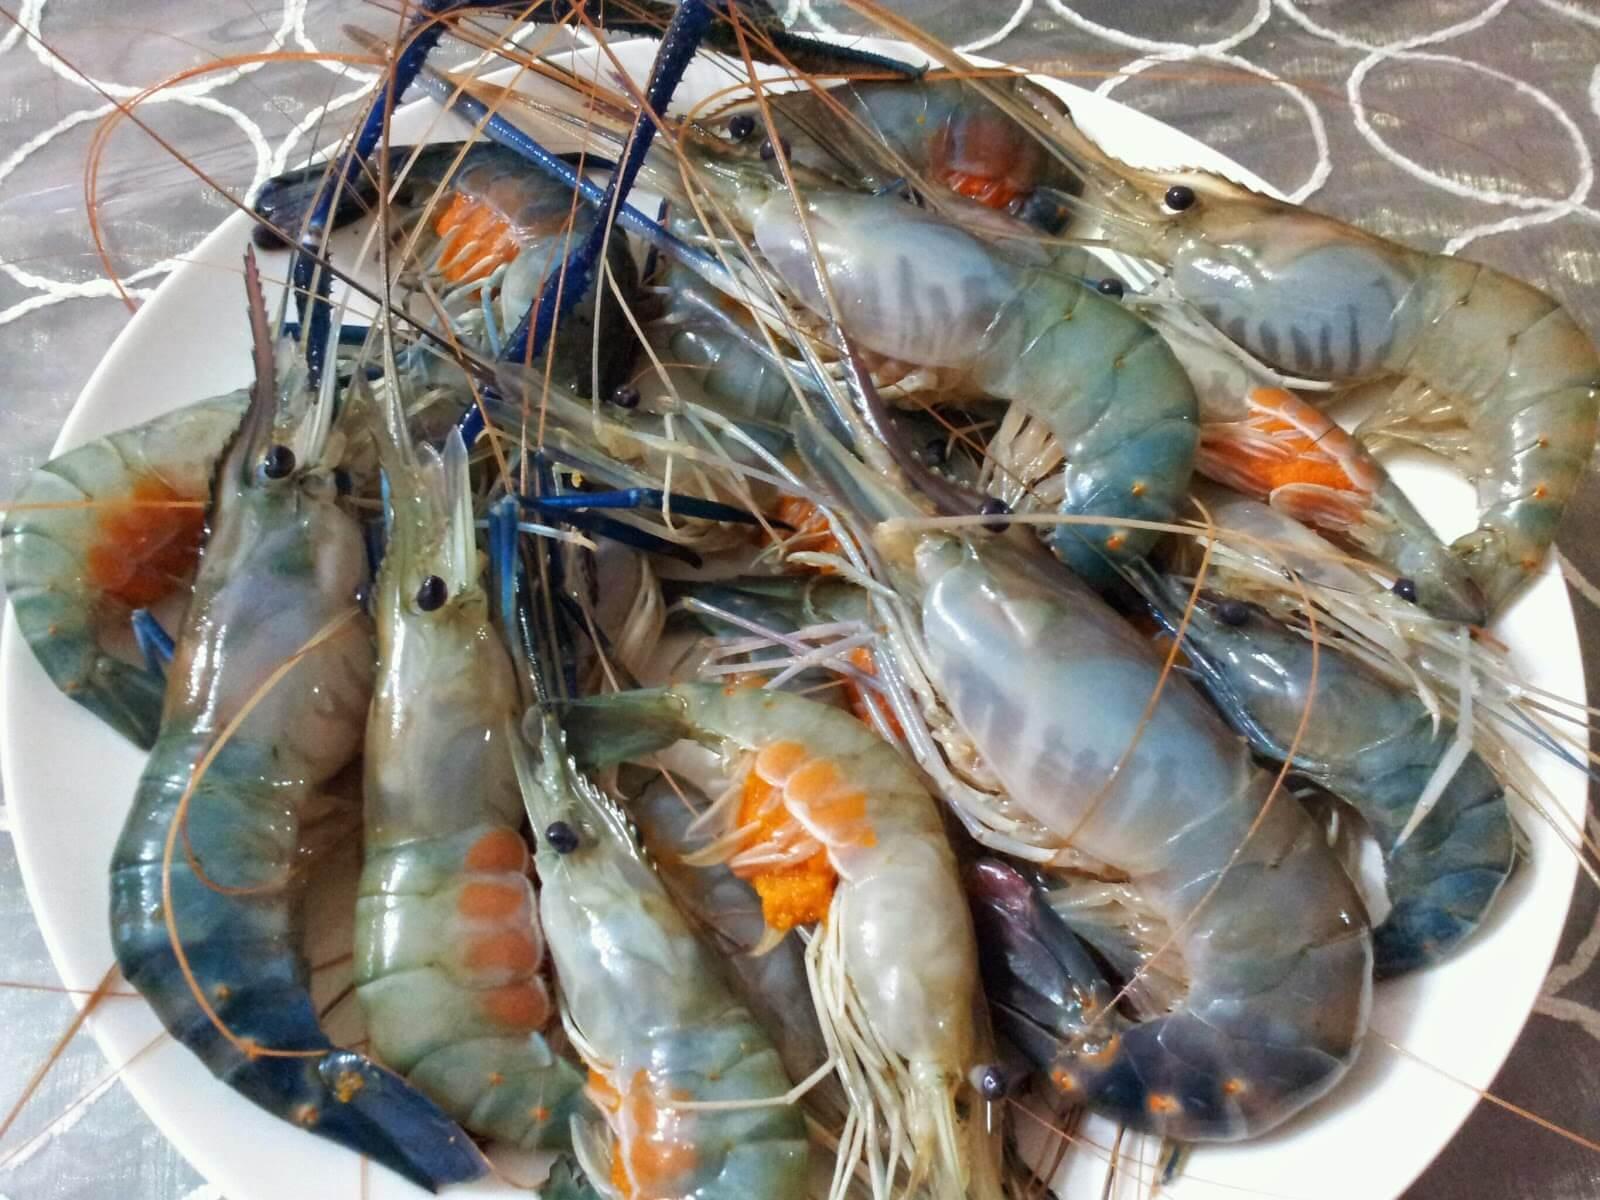 Temui Ajal Kerana Tergores Kulit Udang, Bakteria Makanan Laut Berisiko Tinggi